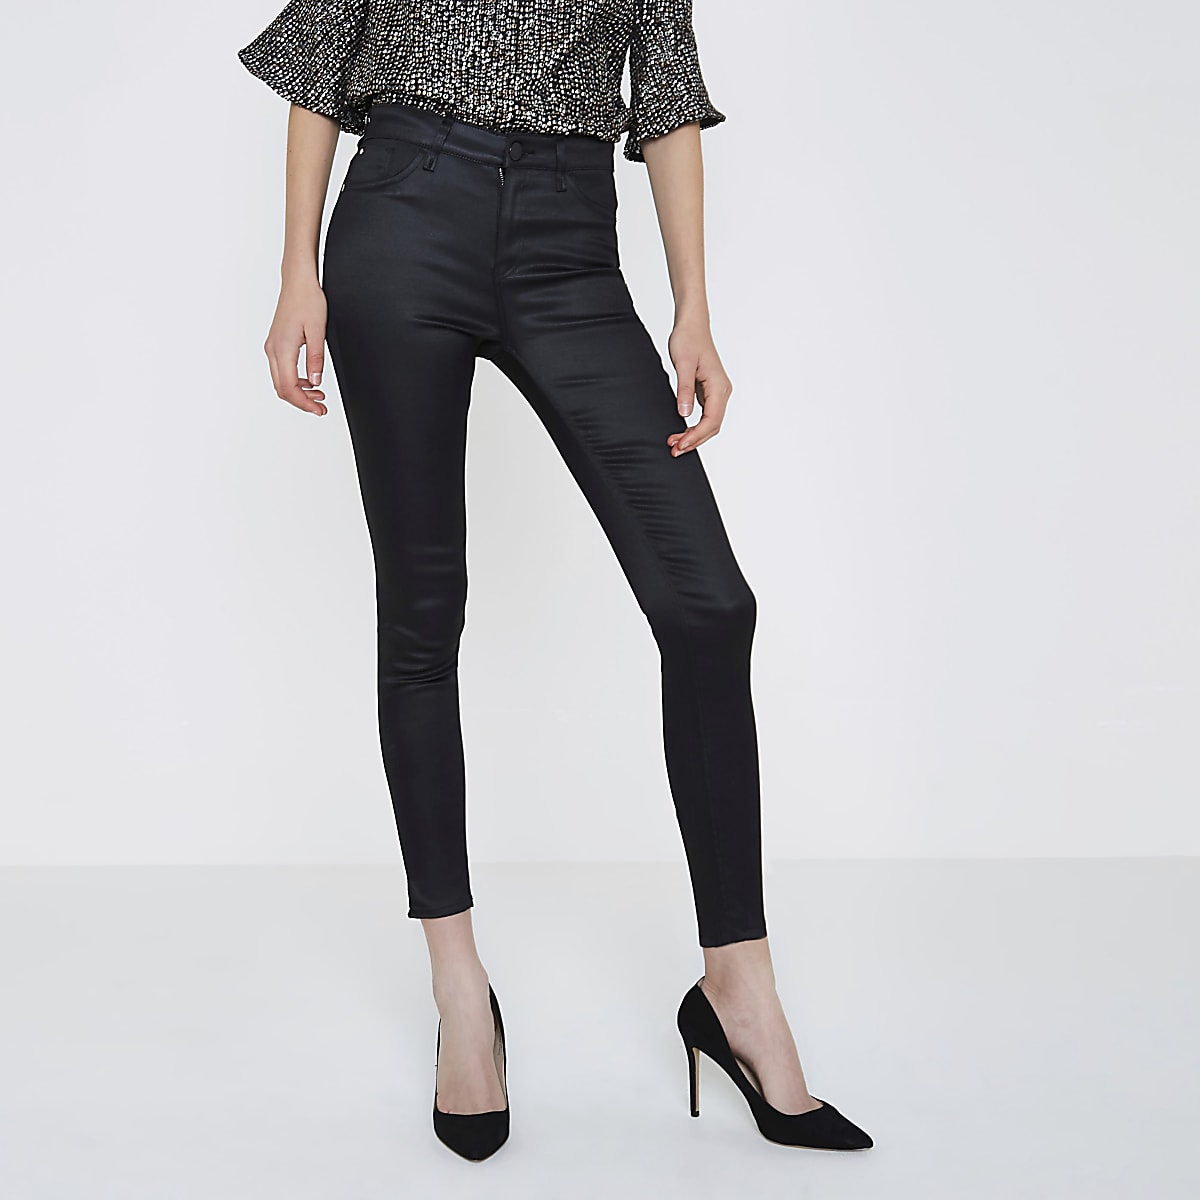 Black Amelie coated super skinny jeans